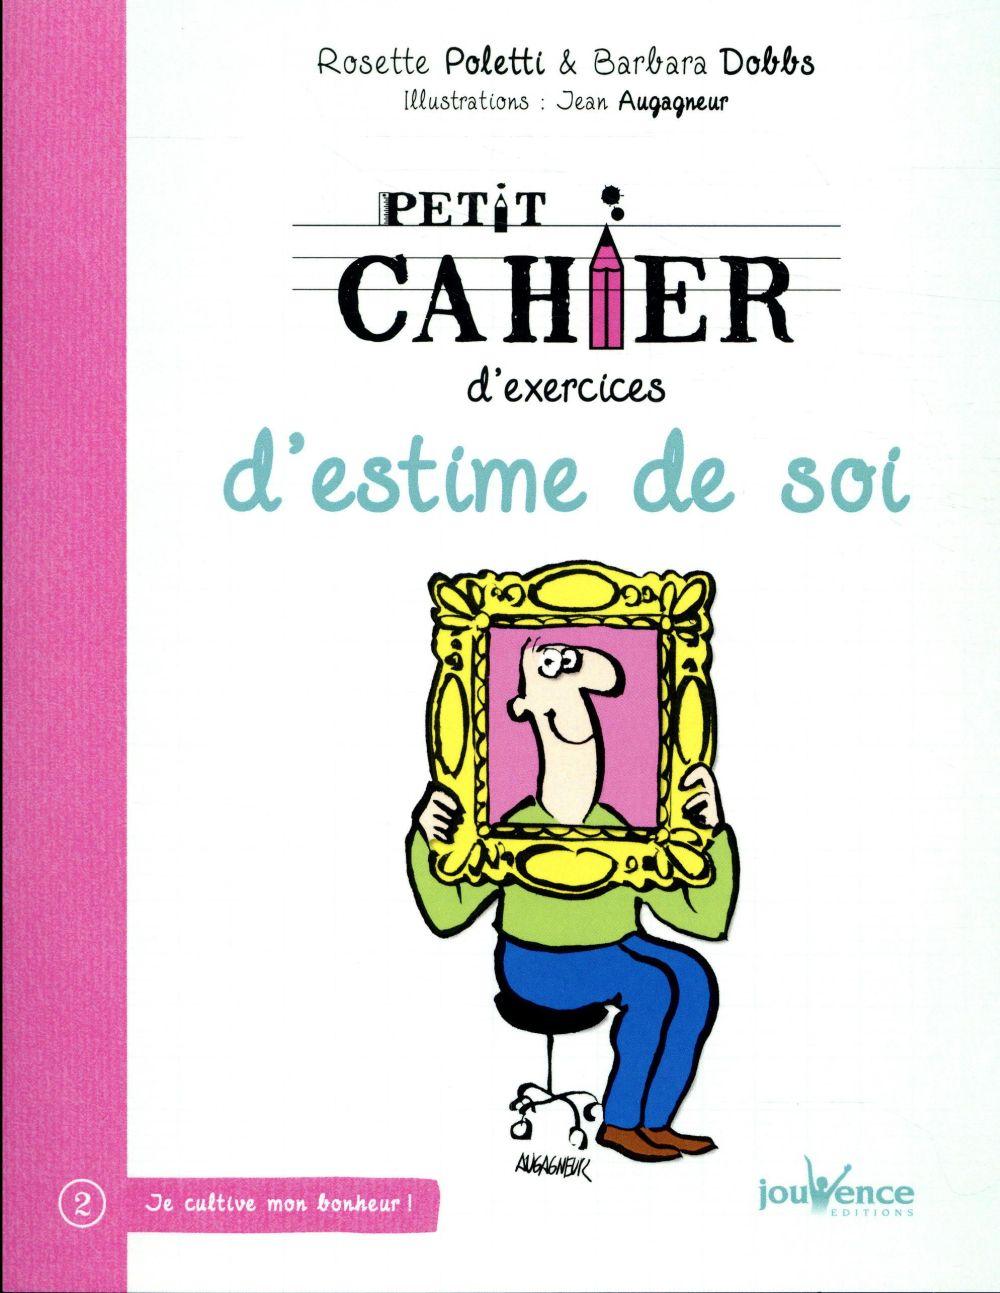 PETIT CAHIER D'EXERCICES D'ESTIME DE SOI